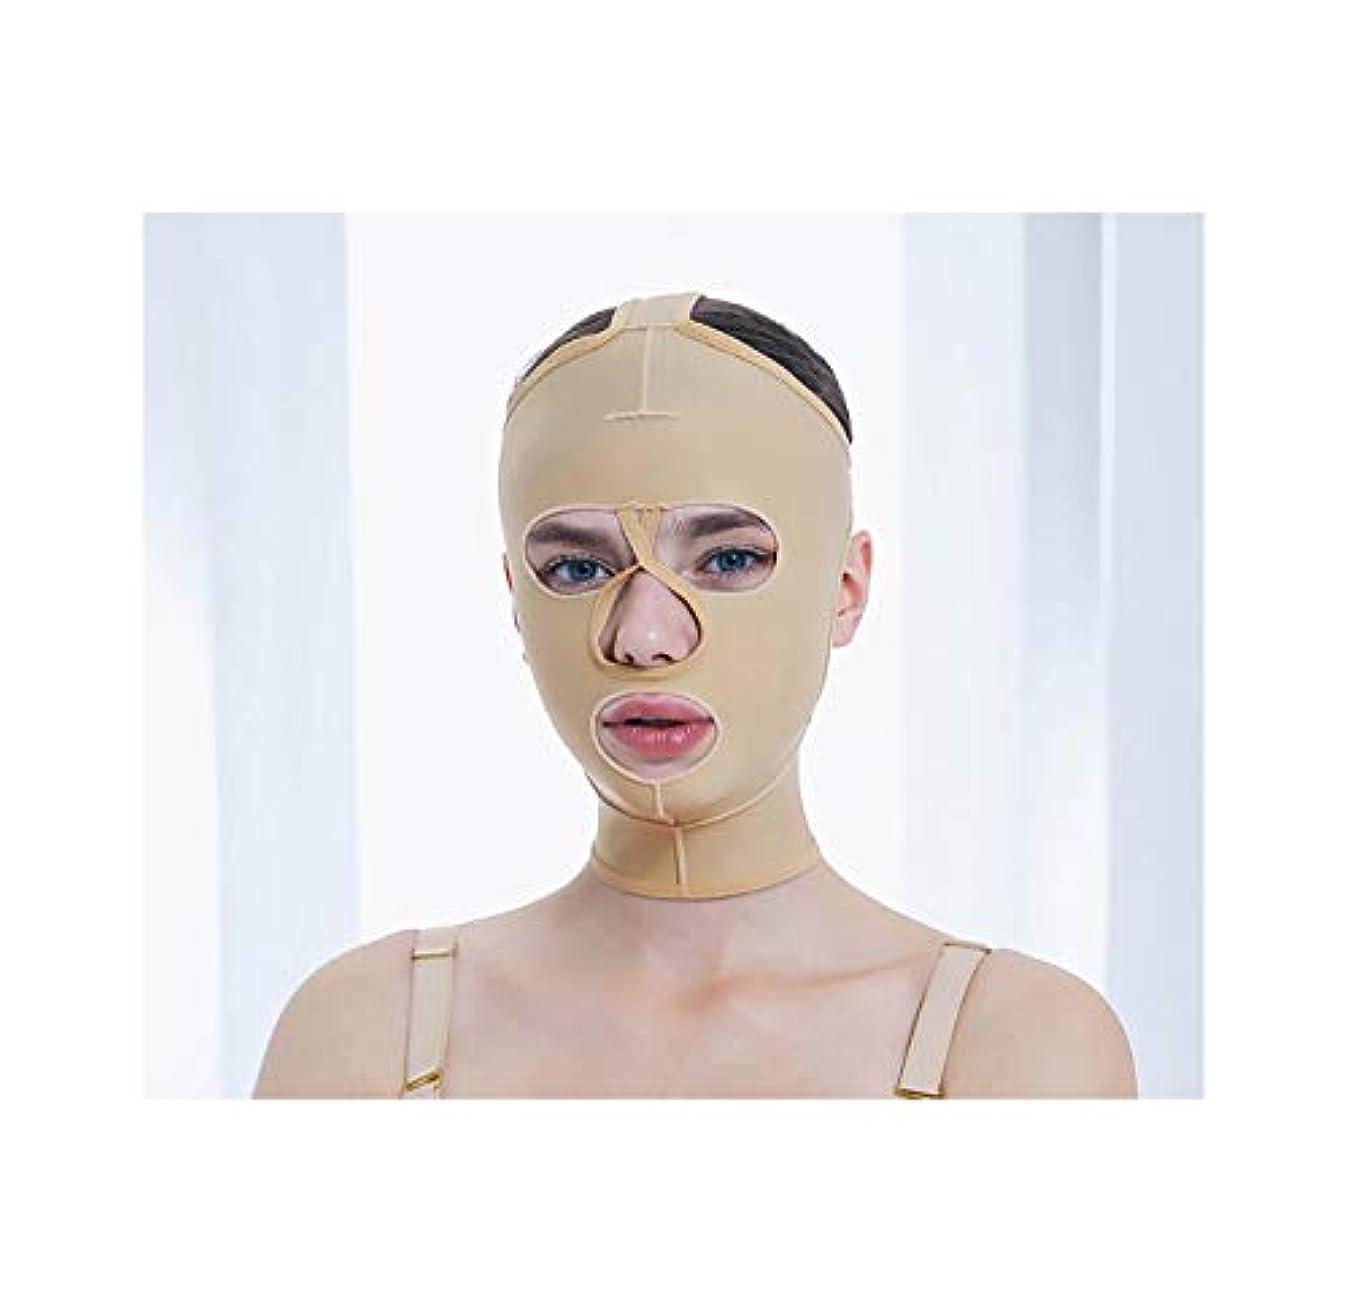 褒賞うなり声彼女はGLJJQMY 顔と首のリフト痩身マスク脂肪吸引術脂肪吸引整形マスクフードフェイシャルリフティングアーティファクトVフェイスビーム弾性スリーブ 顔用整形マスク (Size : XXL)